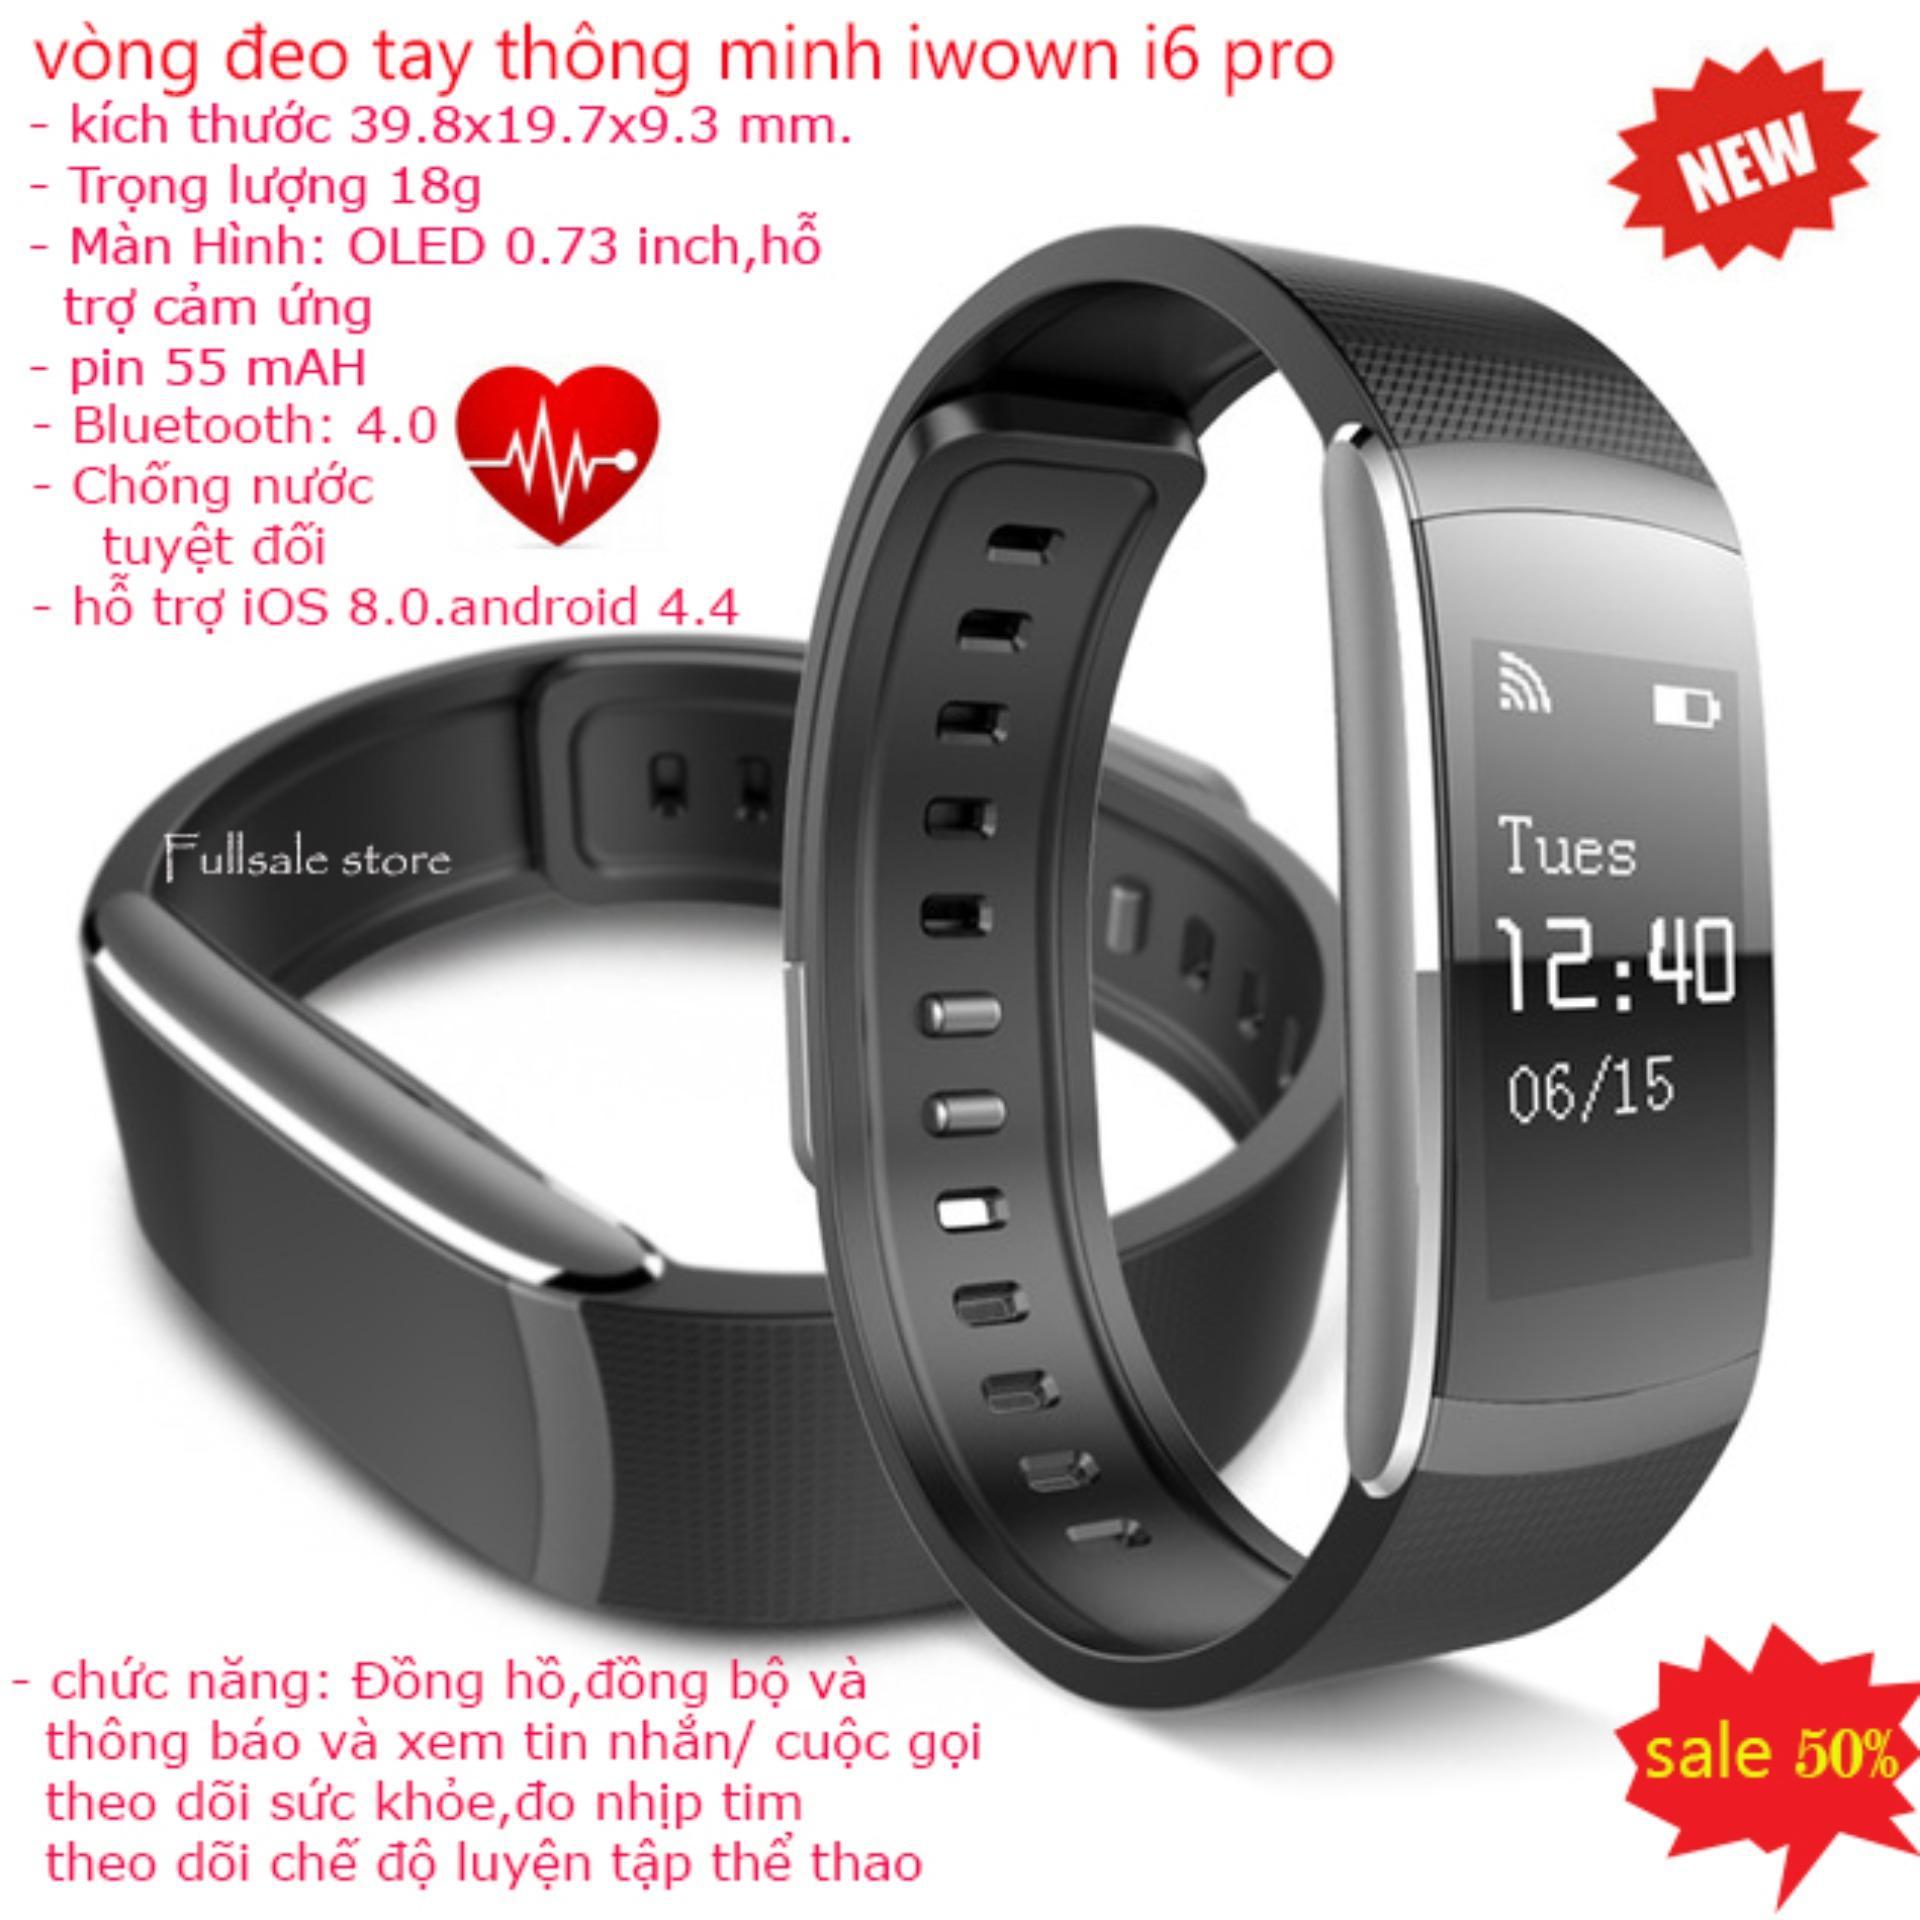 Đồng hồ theo dõi sức khỏe, Dây đeo tay thông minh, Vòng đeo tay thông minh iwown i6 pro thông minh theo dõi sức khỏe, chông nước, kiểu dáng sang trọng chất lượng cao,BH 1 đổi 1 trên toàn quốc bởi fullsale store